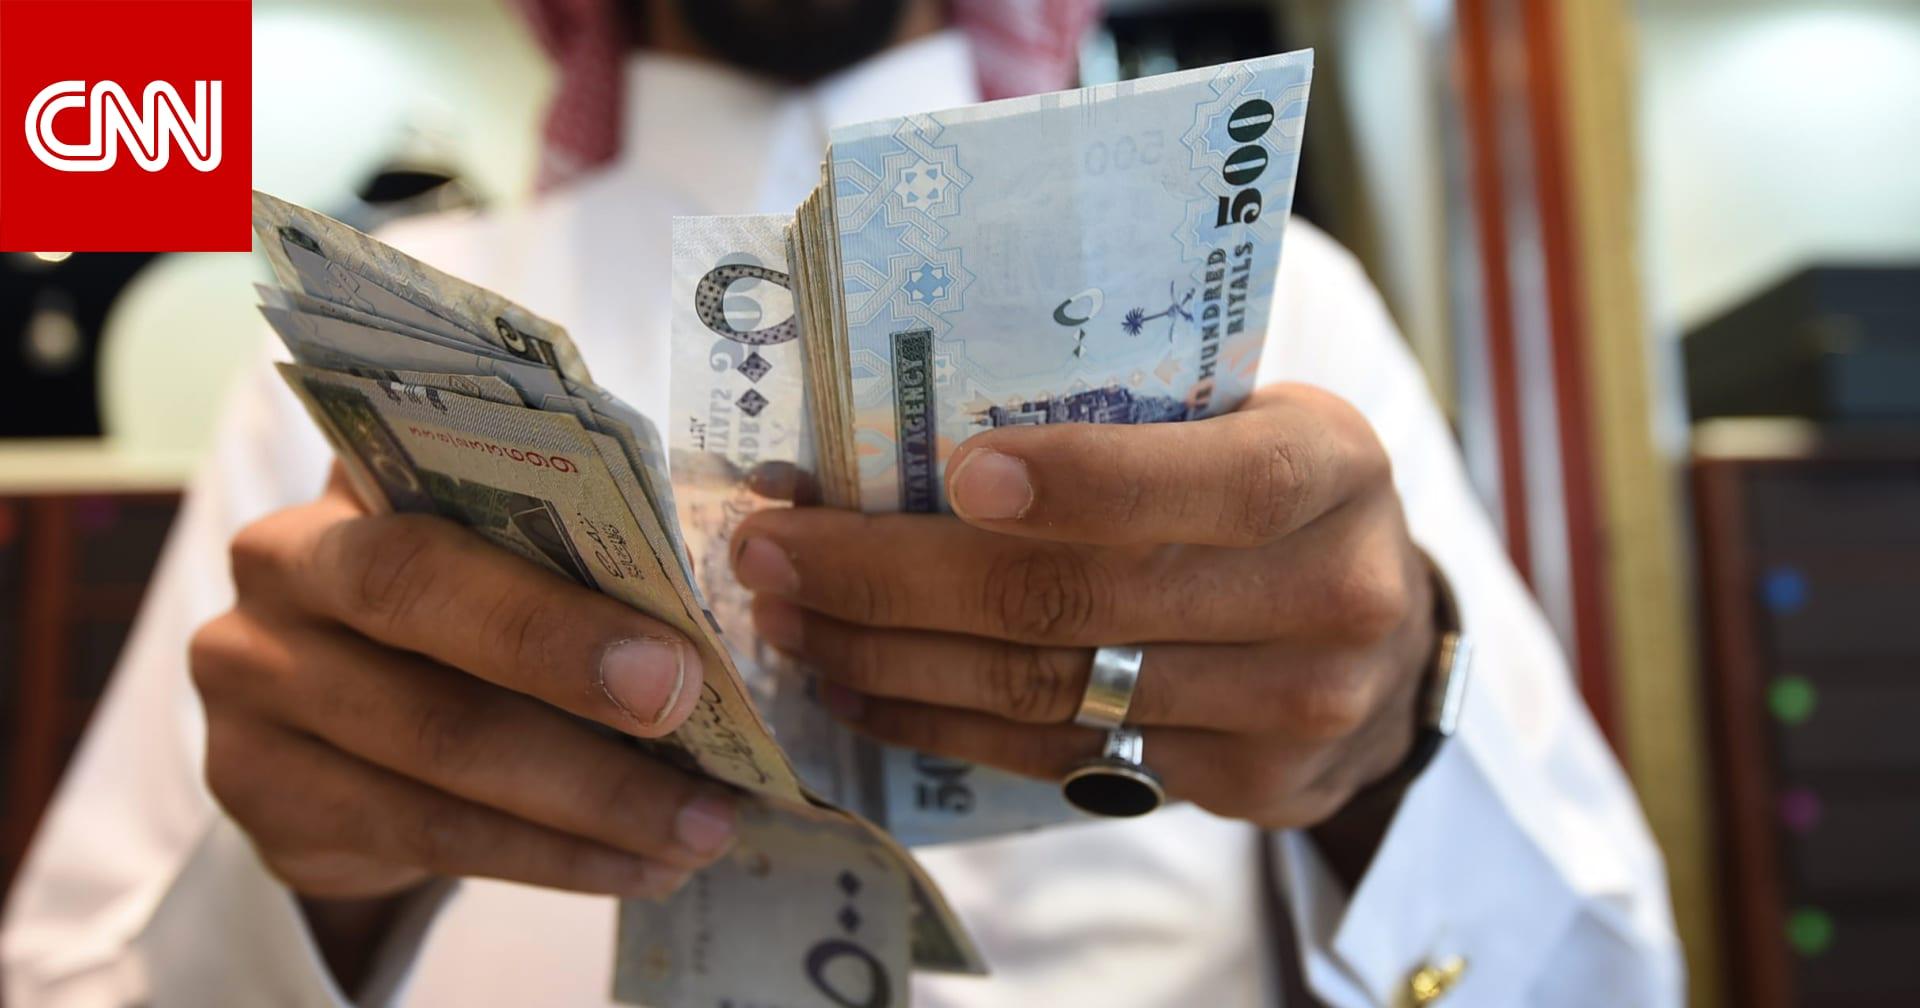 دول الخليج تتصدر.. إليكم متوسط ثروات الأفراد في كل دولة عربية